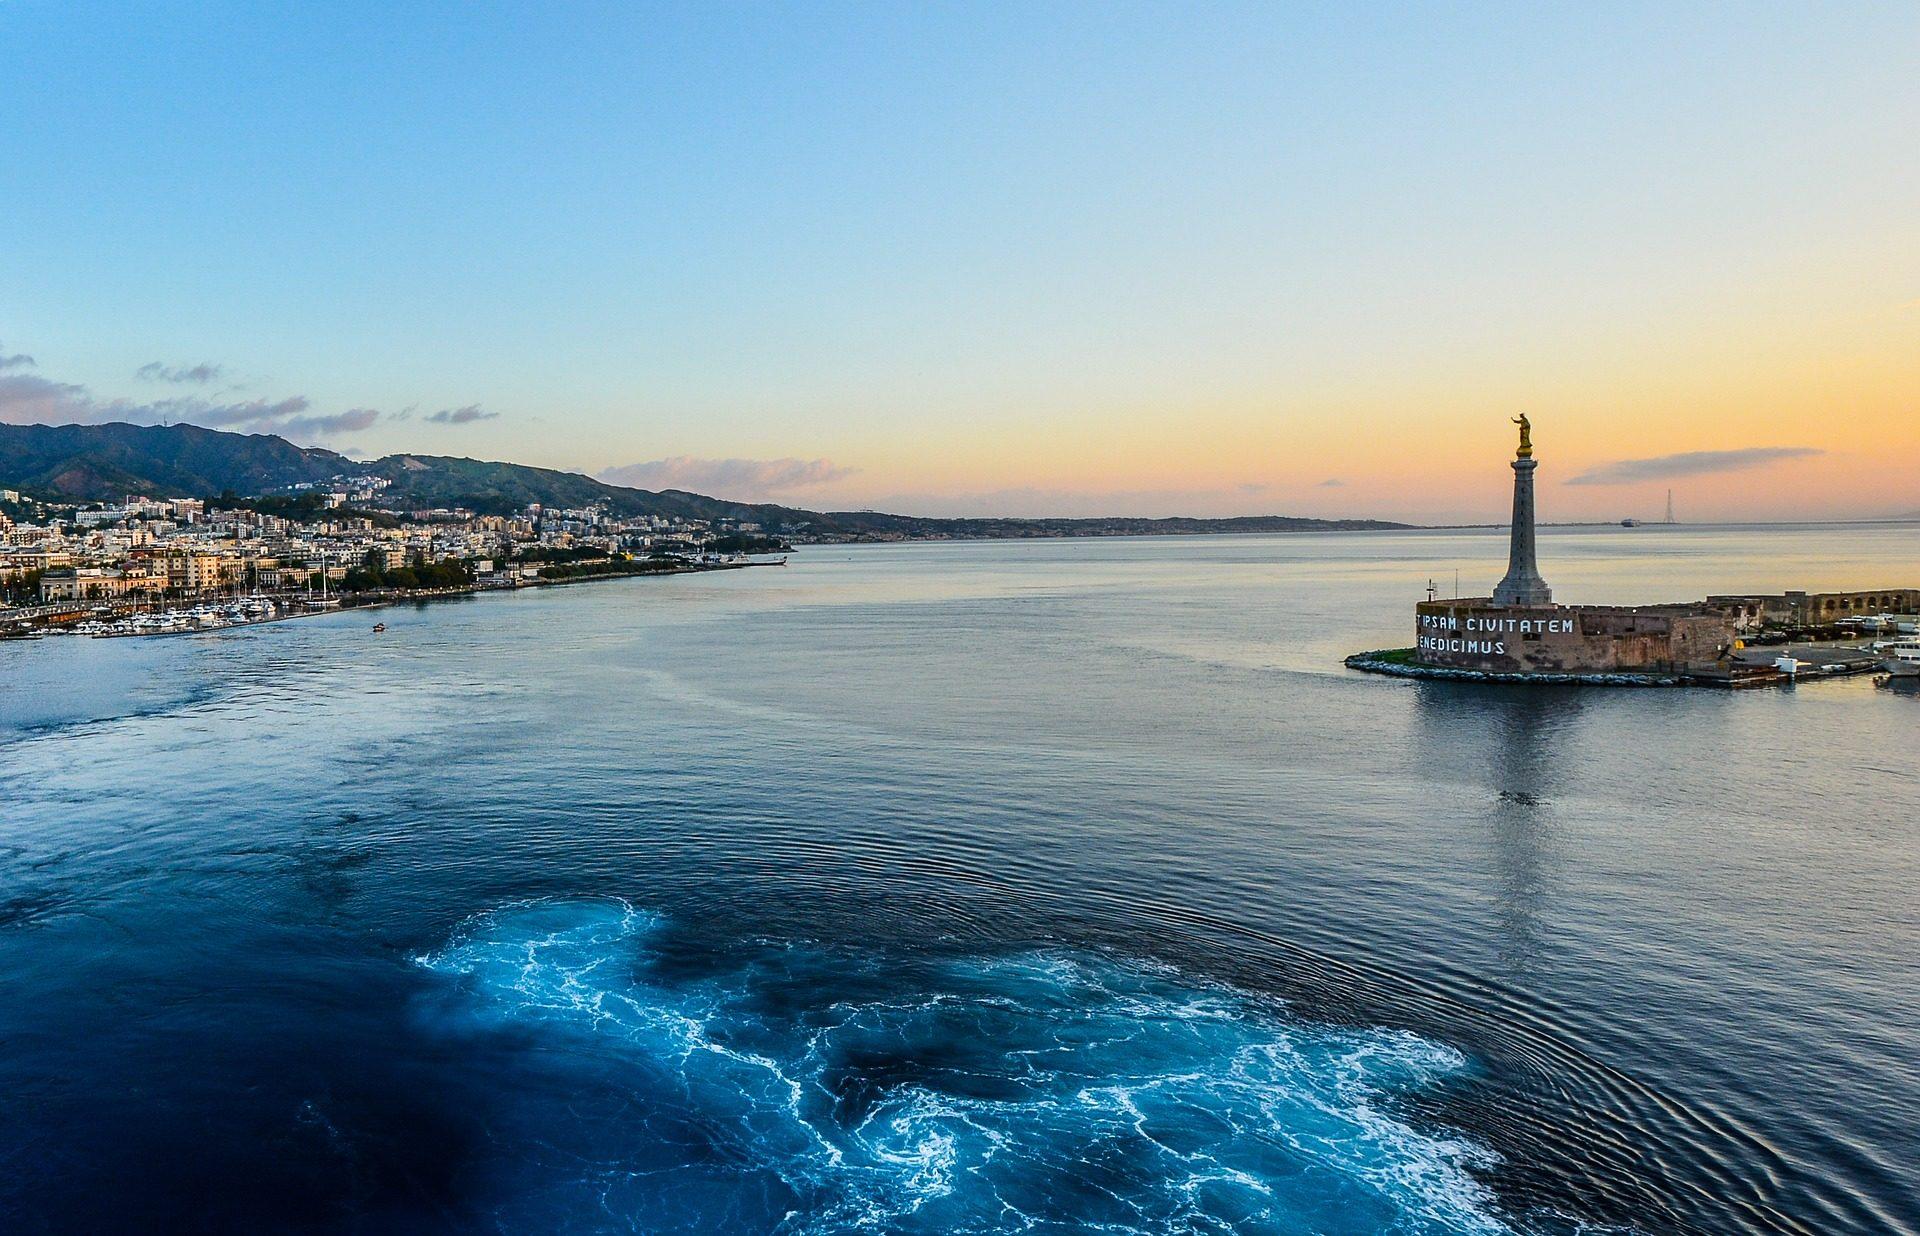 ポート, 海, 市, ベイ, シチリア島, イタリア - HD の壁紙 - 教授-falken.com